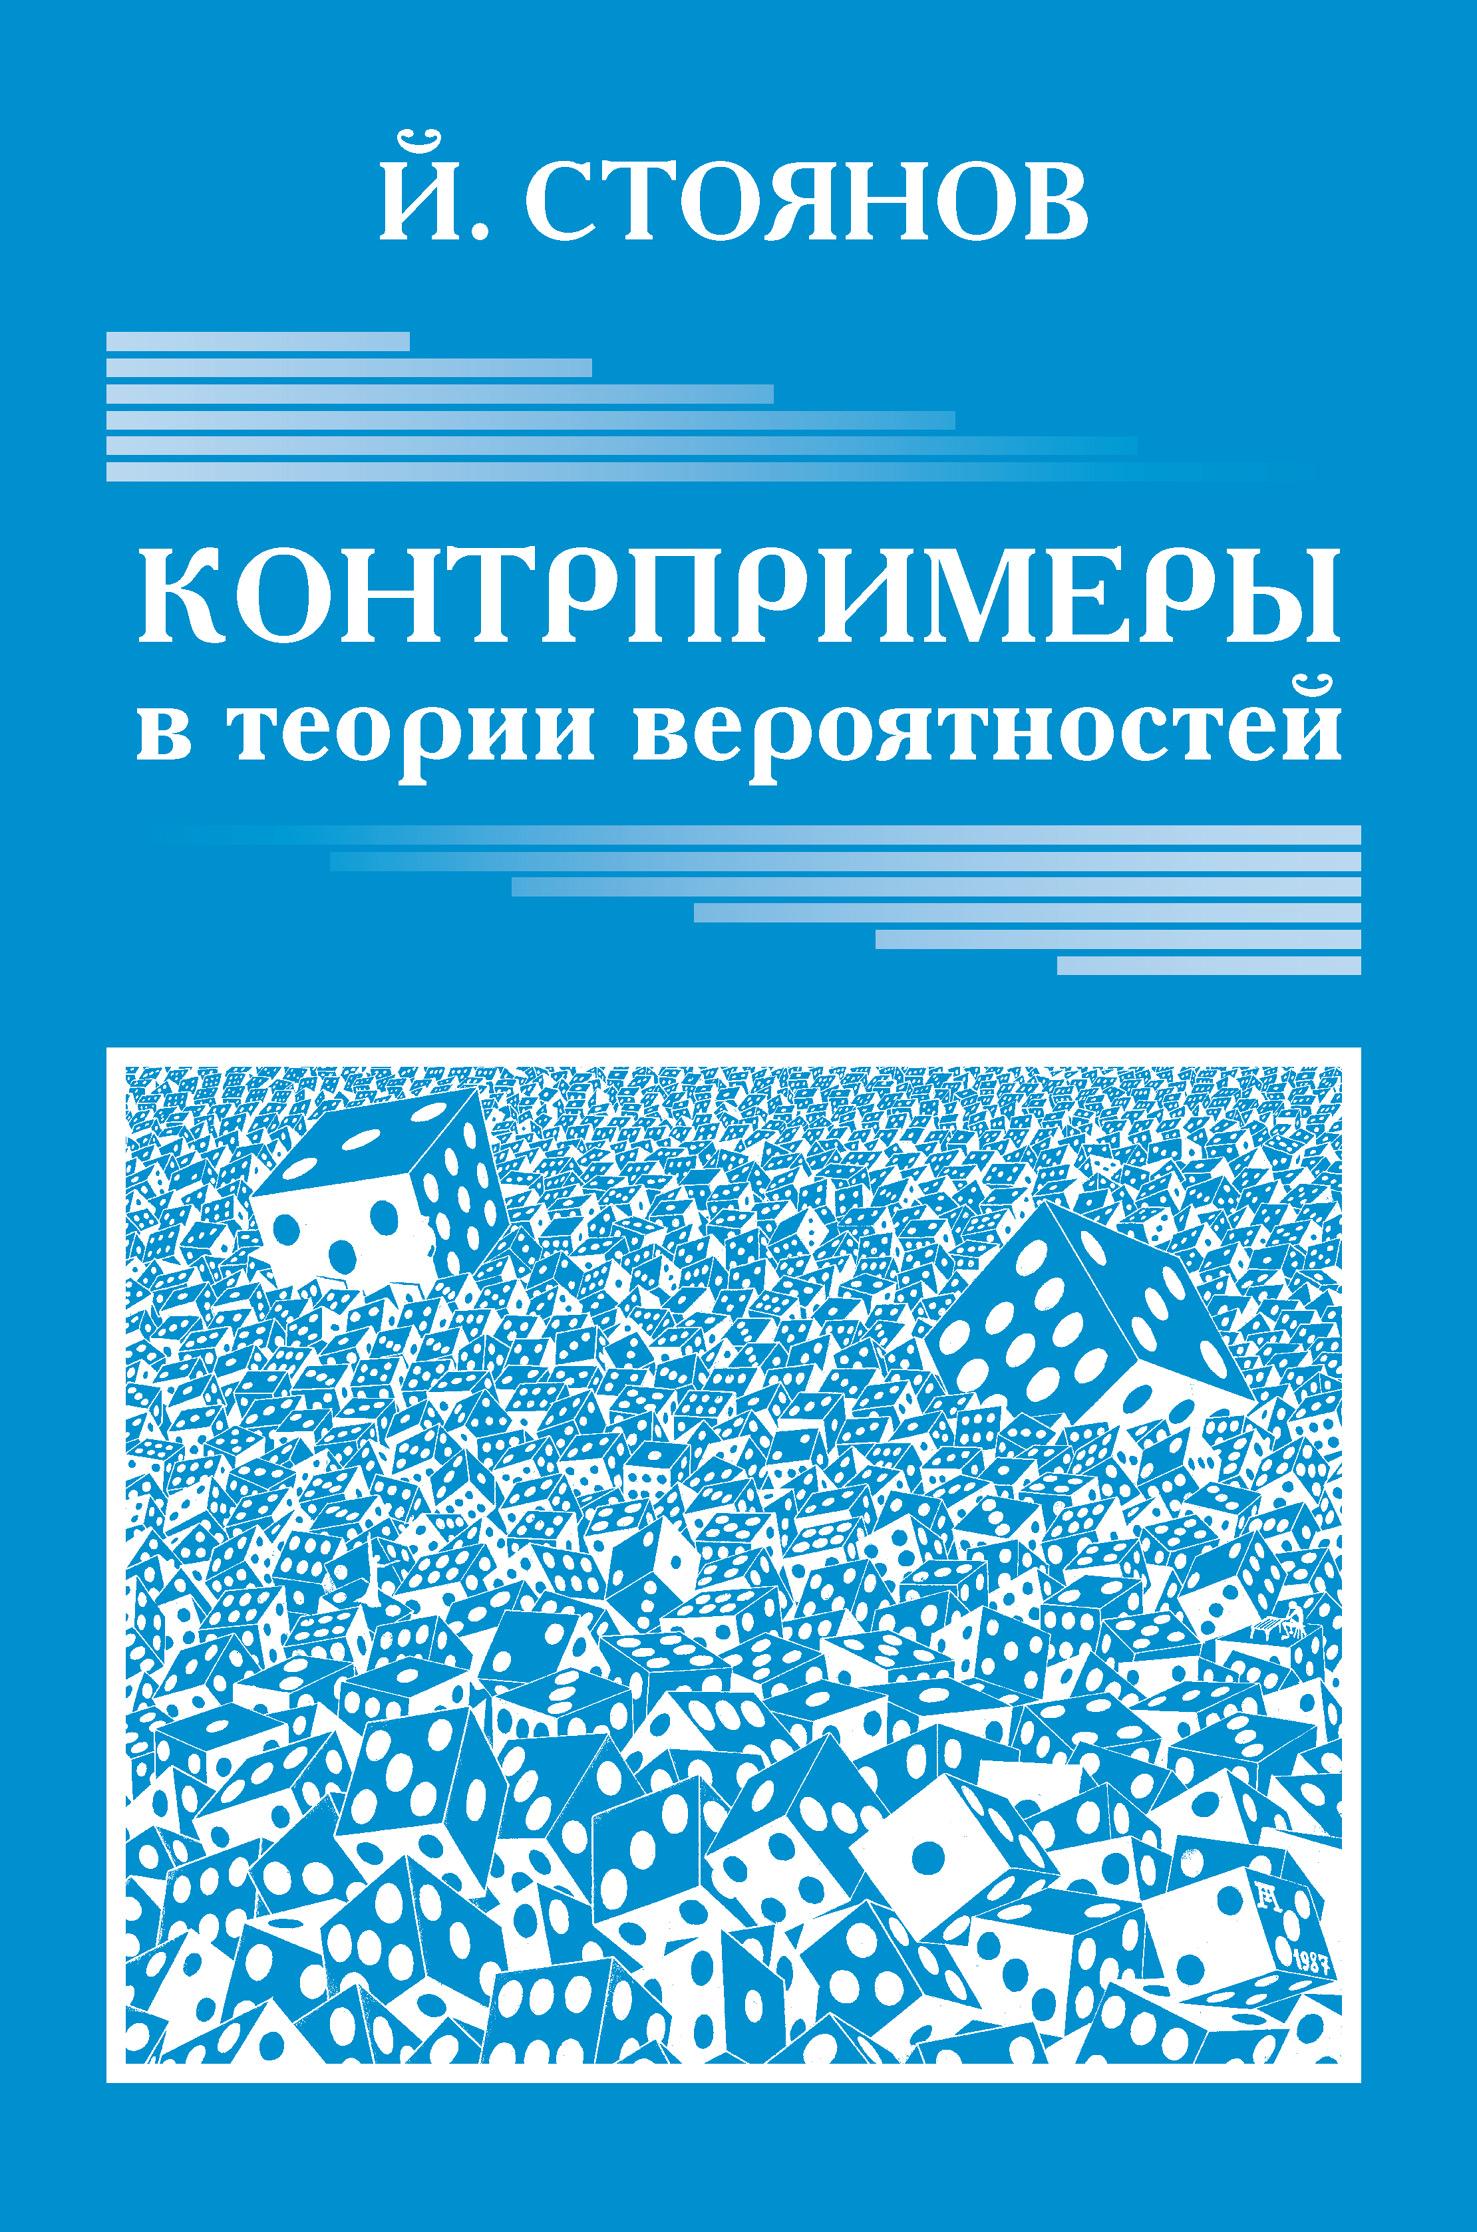 цены на Йордан Стоянов Контрпримеры в теории вероятностей  в интернет-магазинах